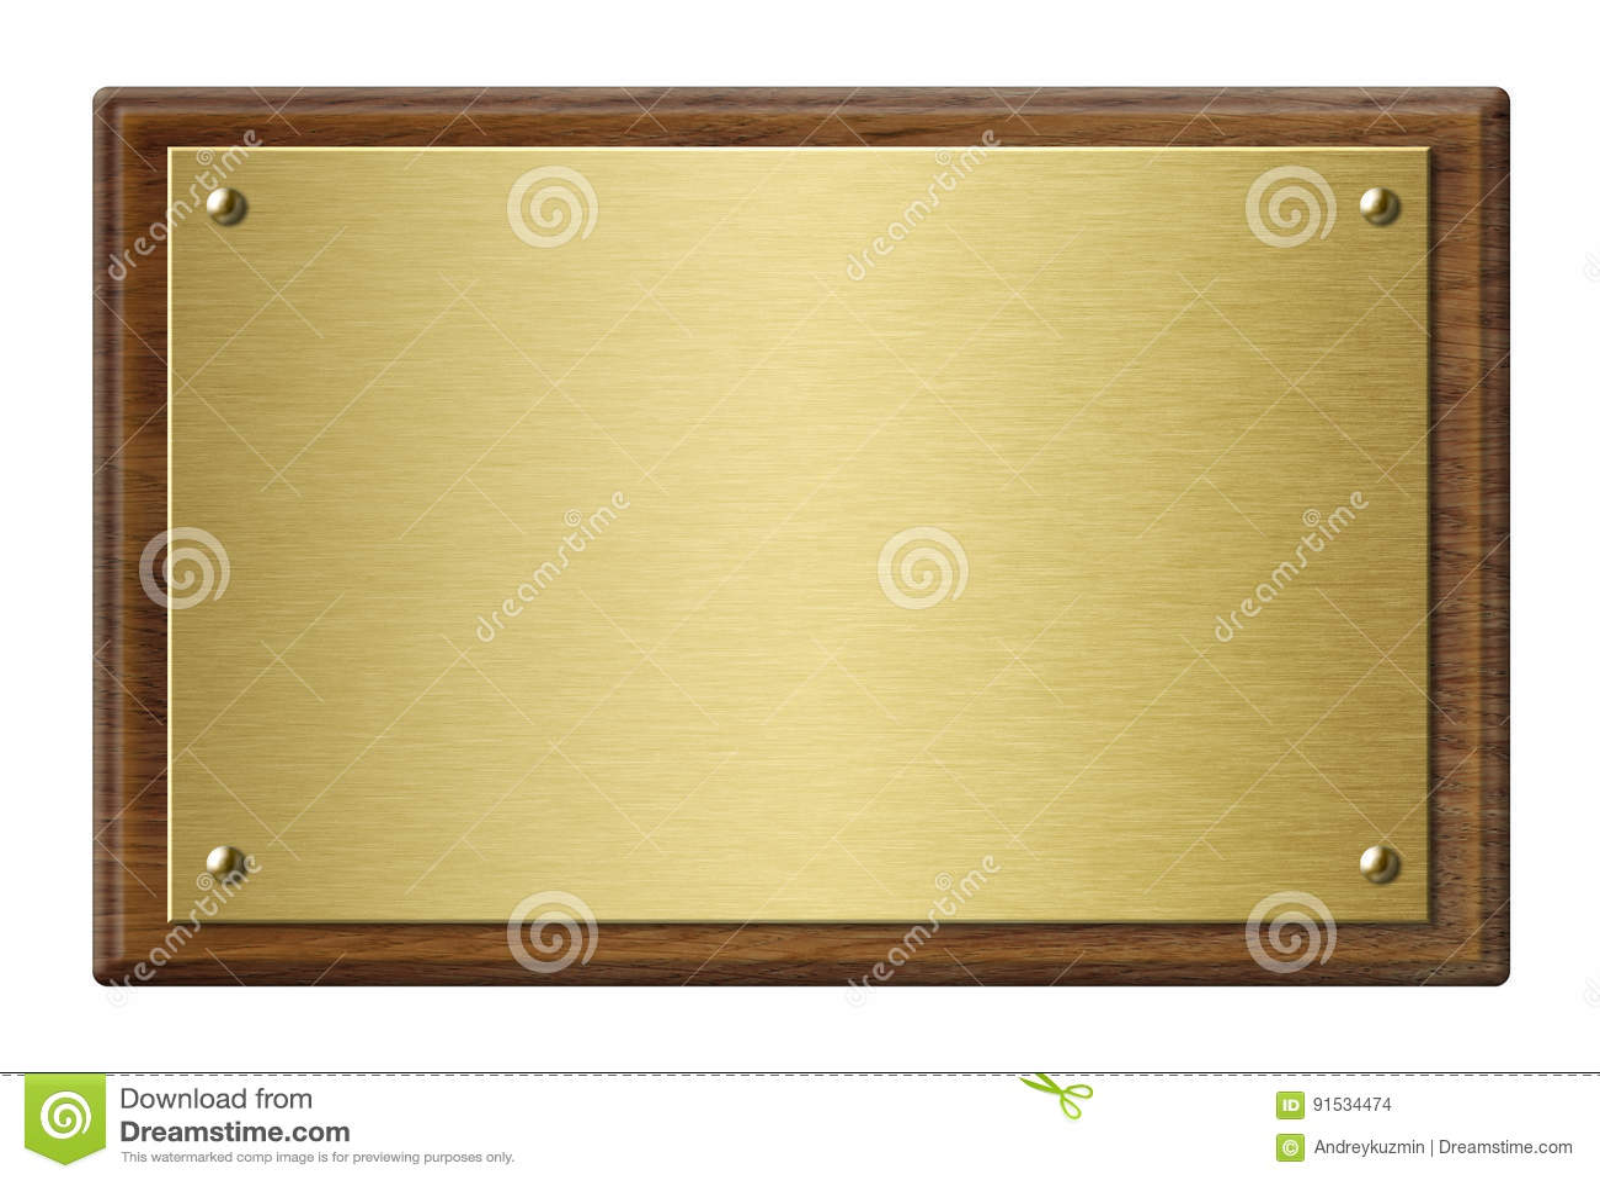 Marco de madera con el ejemplo de la placa de metal del oro 3d